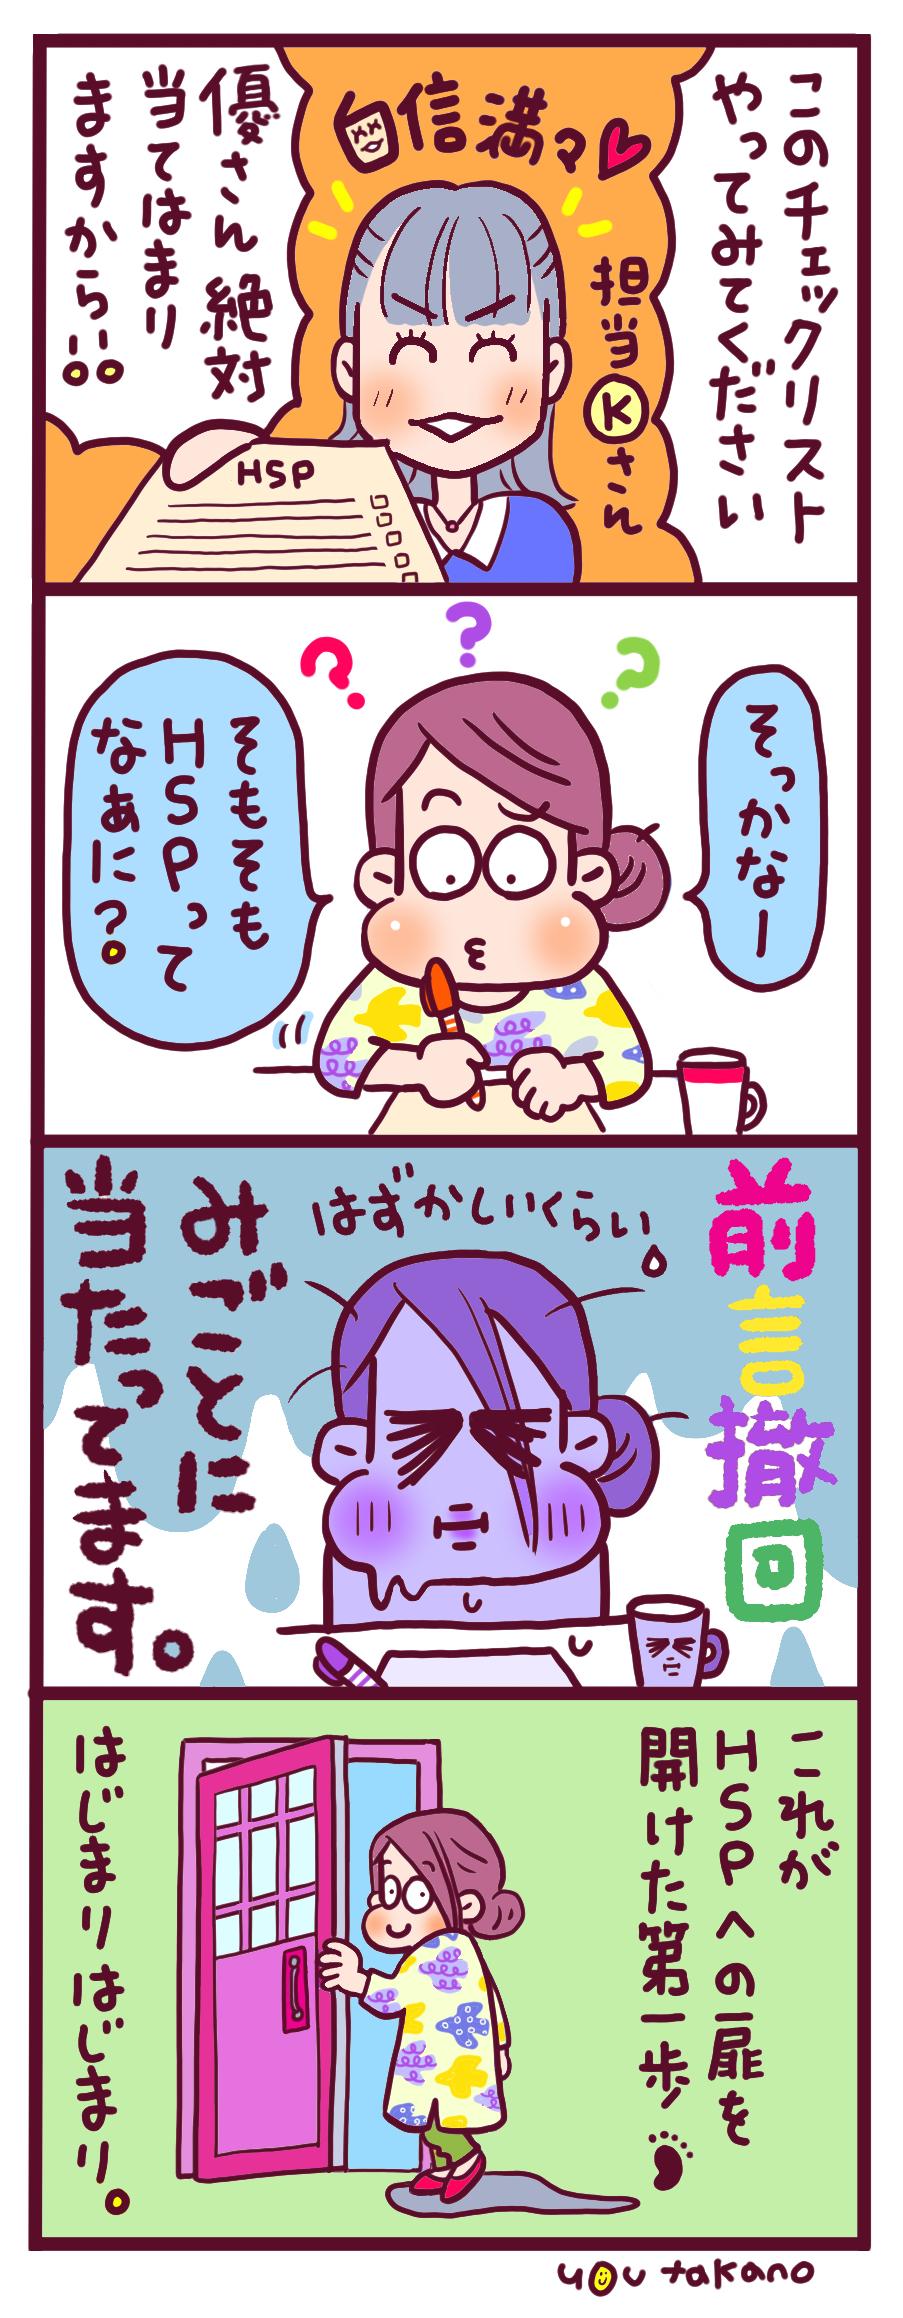 HSPマンガ(高野優さん)